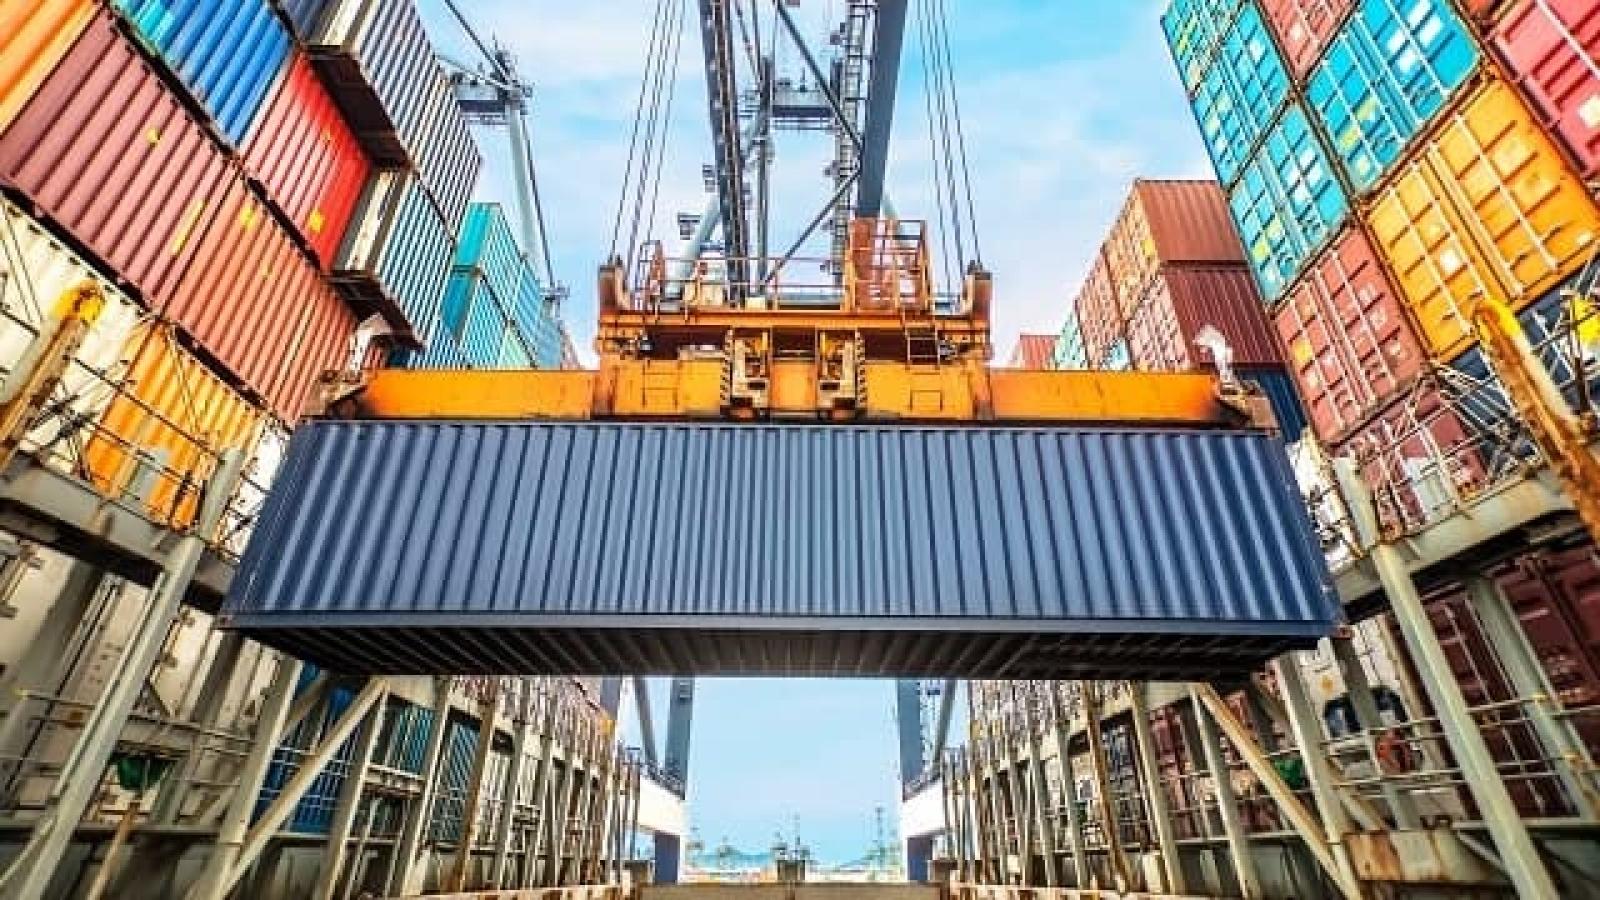 Campuchia đẩy mạnh xuất khẩu sang Mỹ nhờ được hưởng ưu đãi thuế